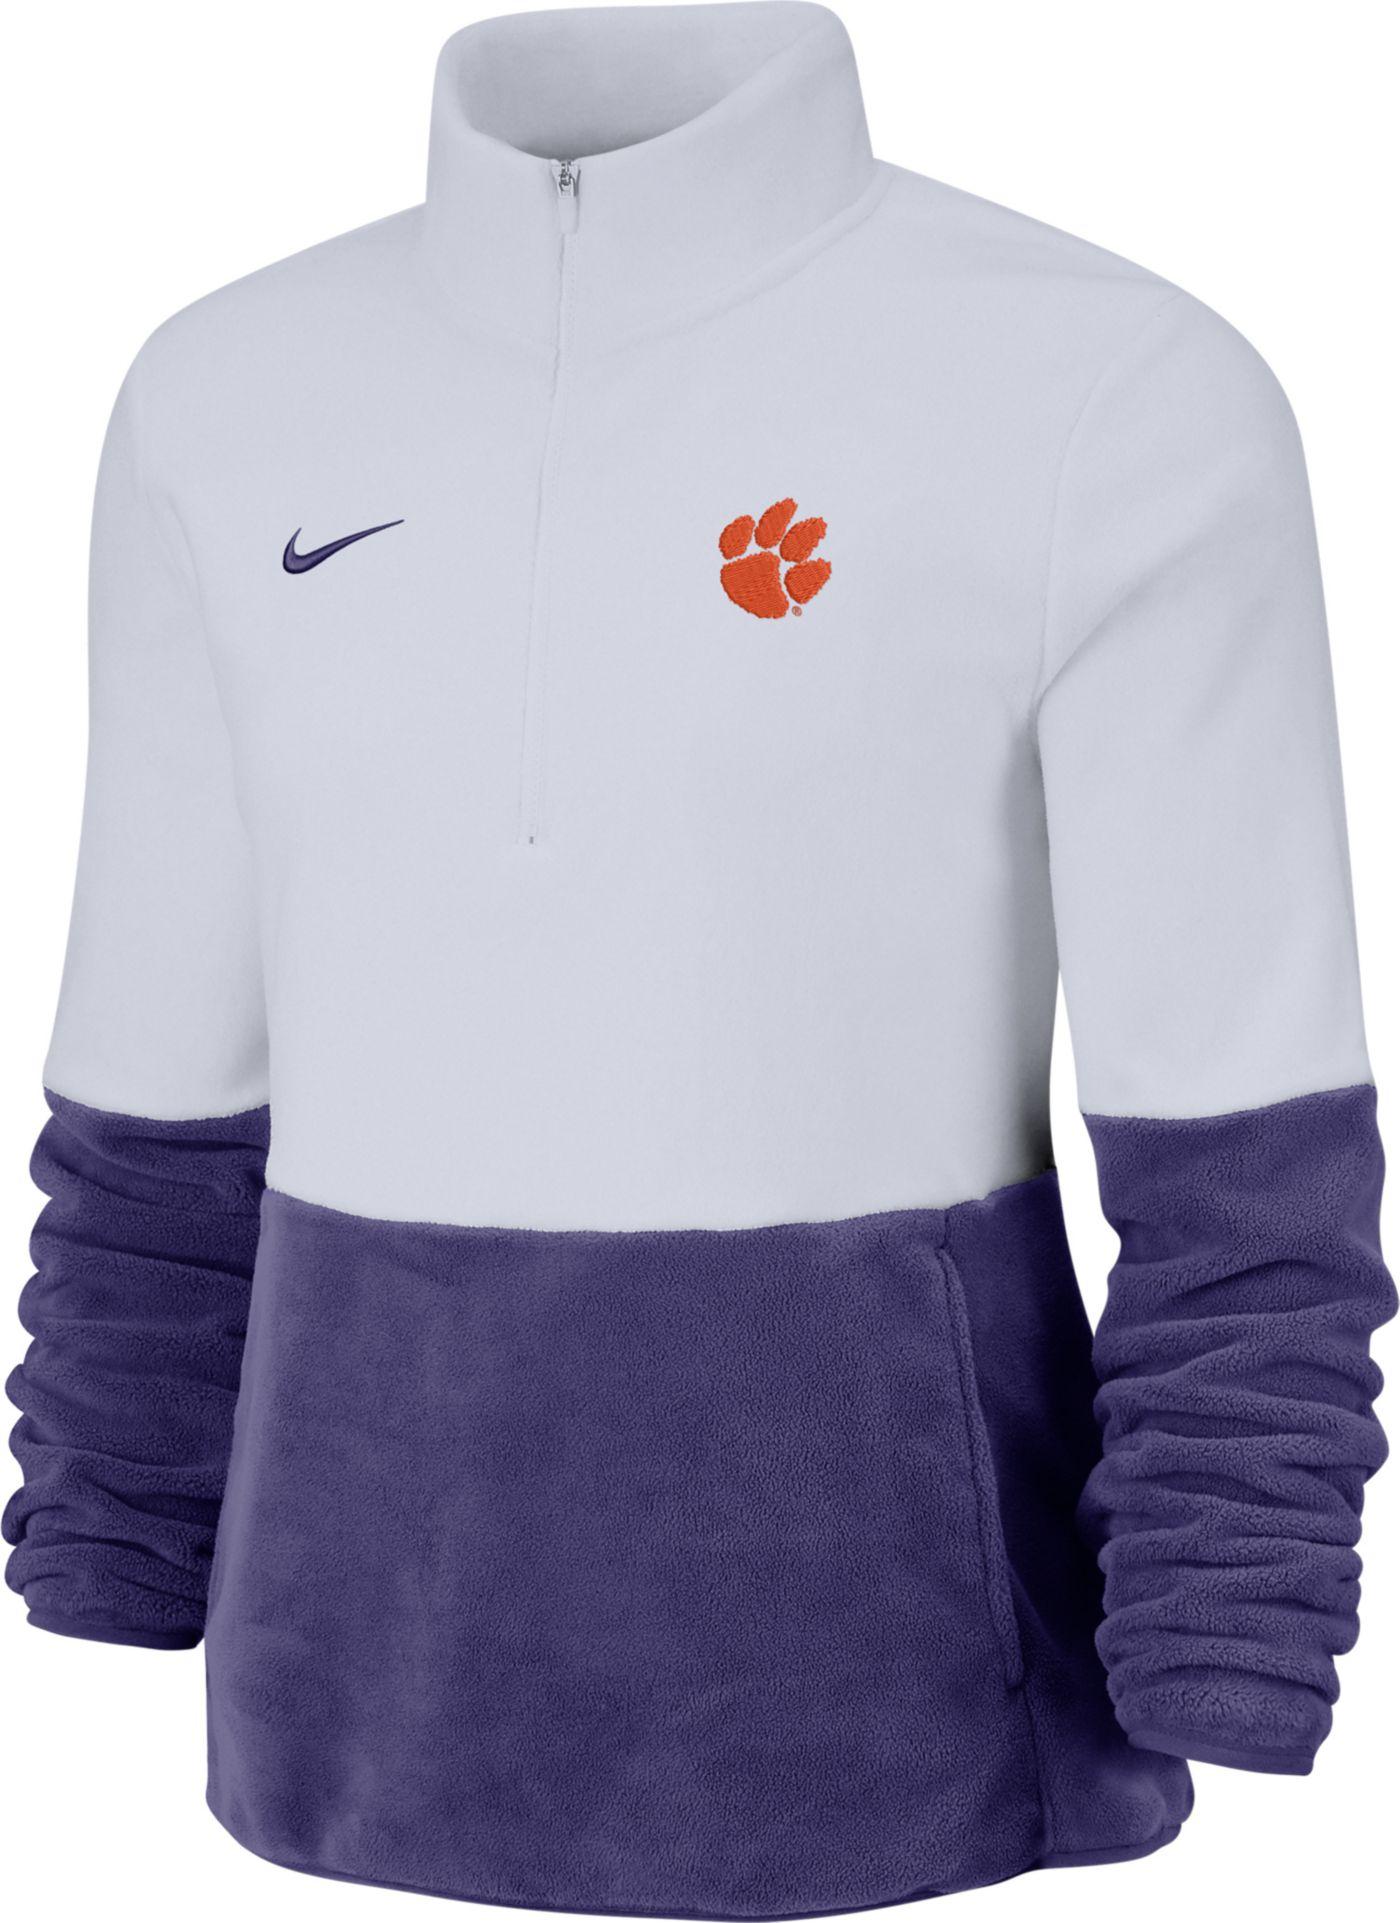 Nike Women's Clemson Tigers Cozy Therma White Half-Zip Fleece